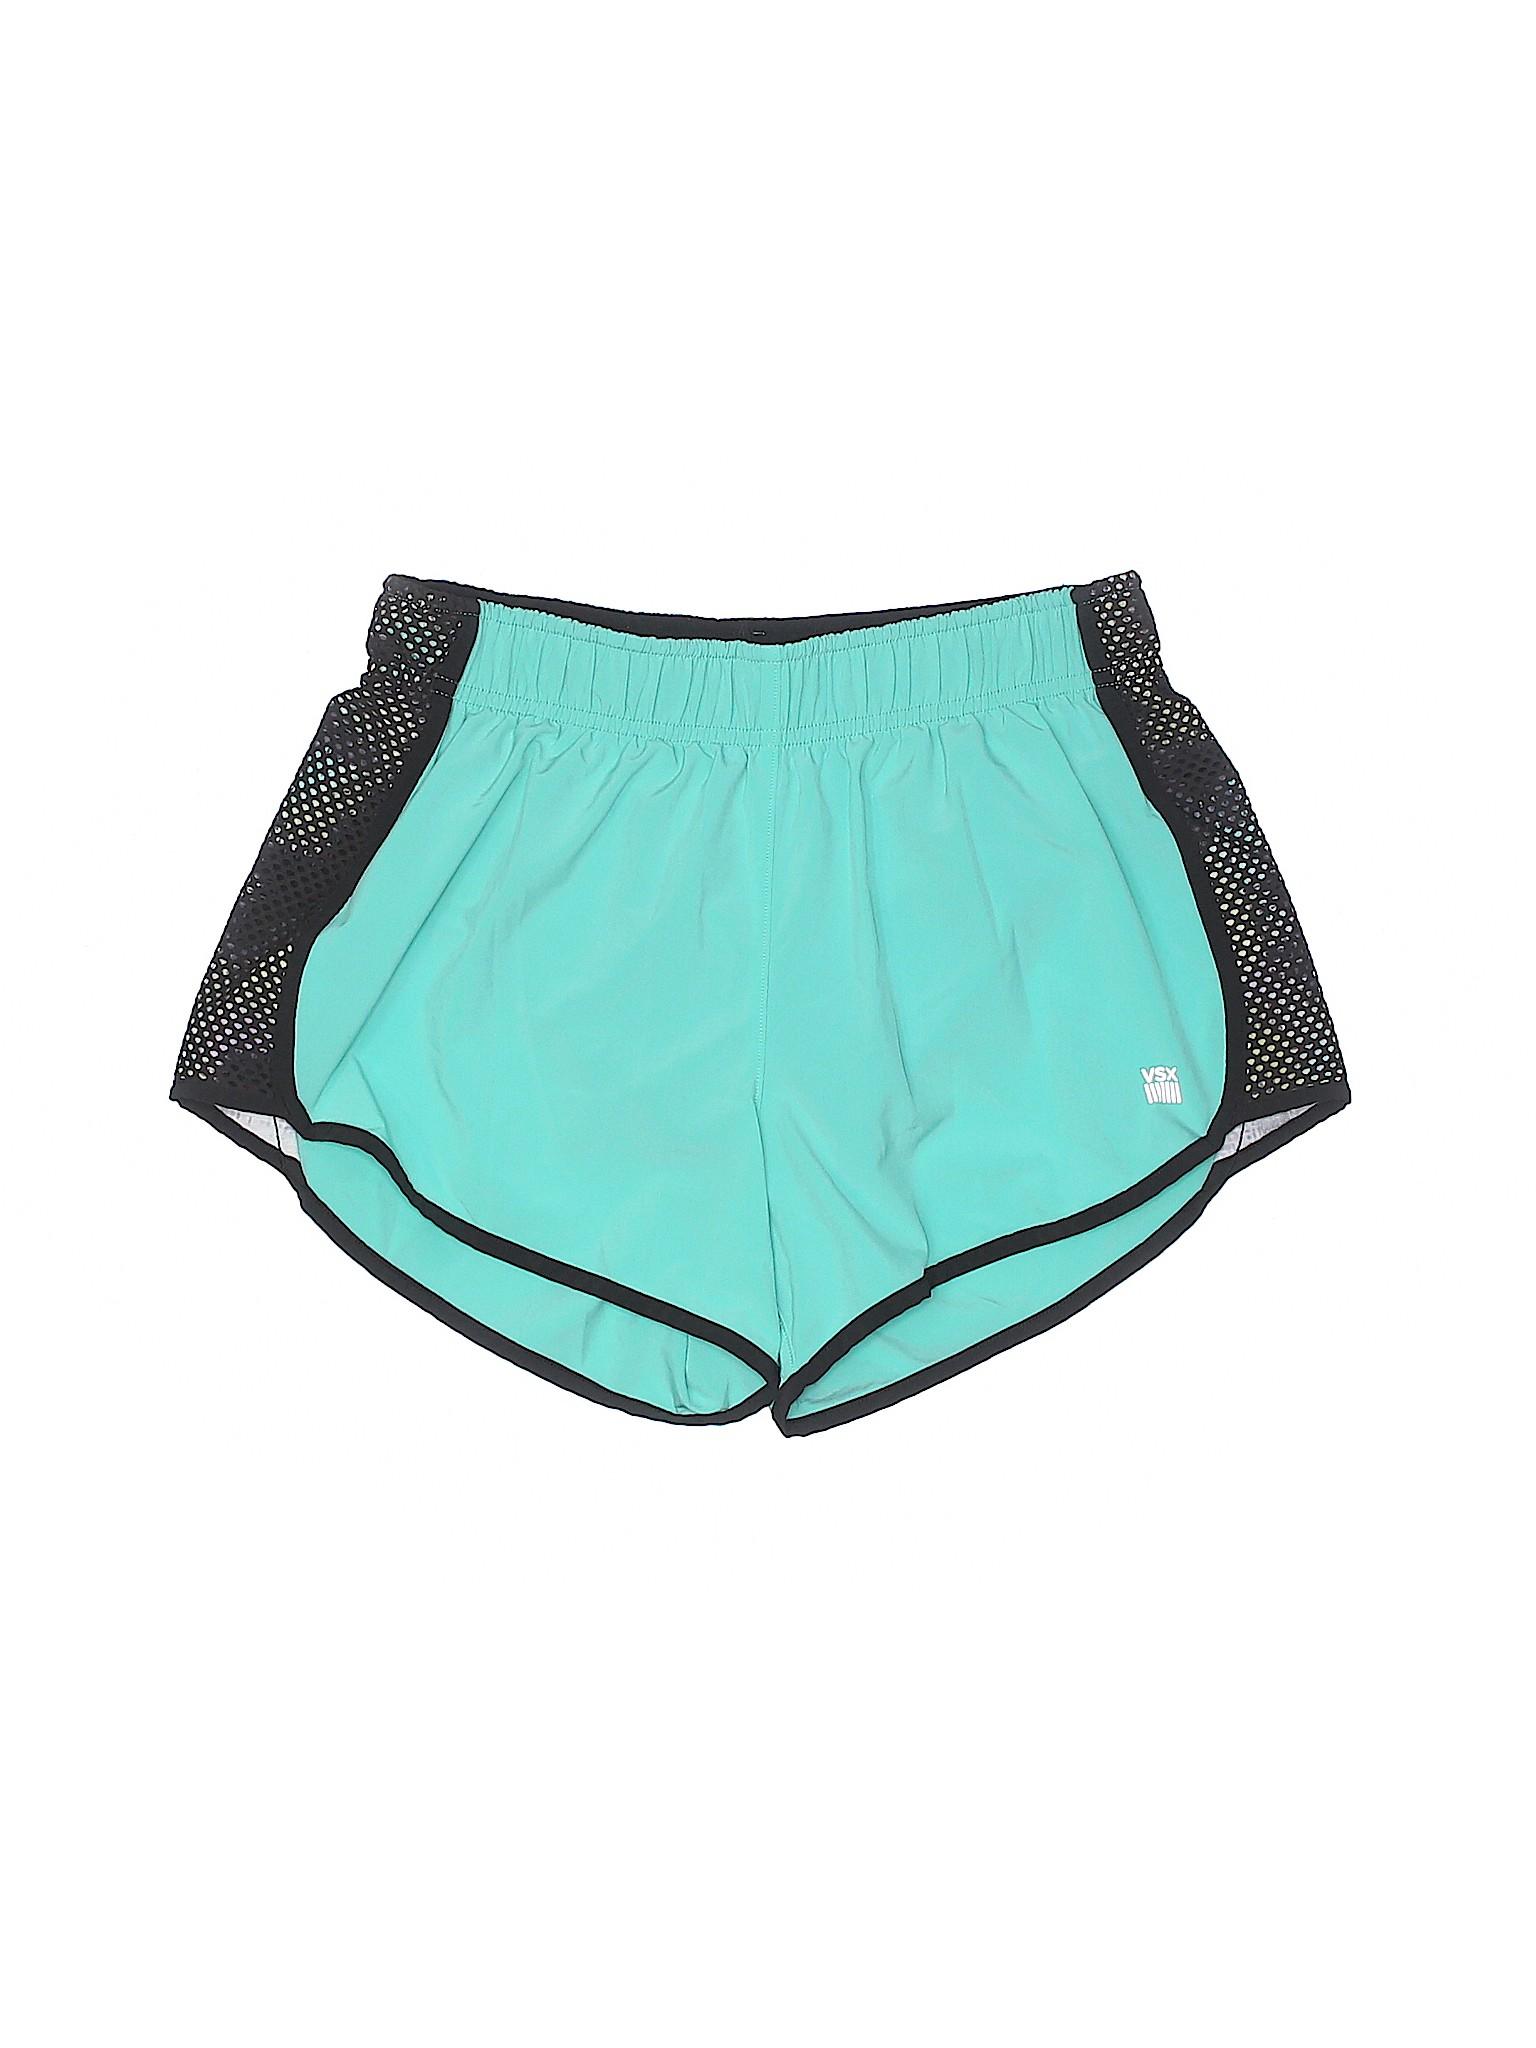 Shorts VSX Athletic Boutique VSX Boutique Sport YRnqXSH